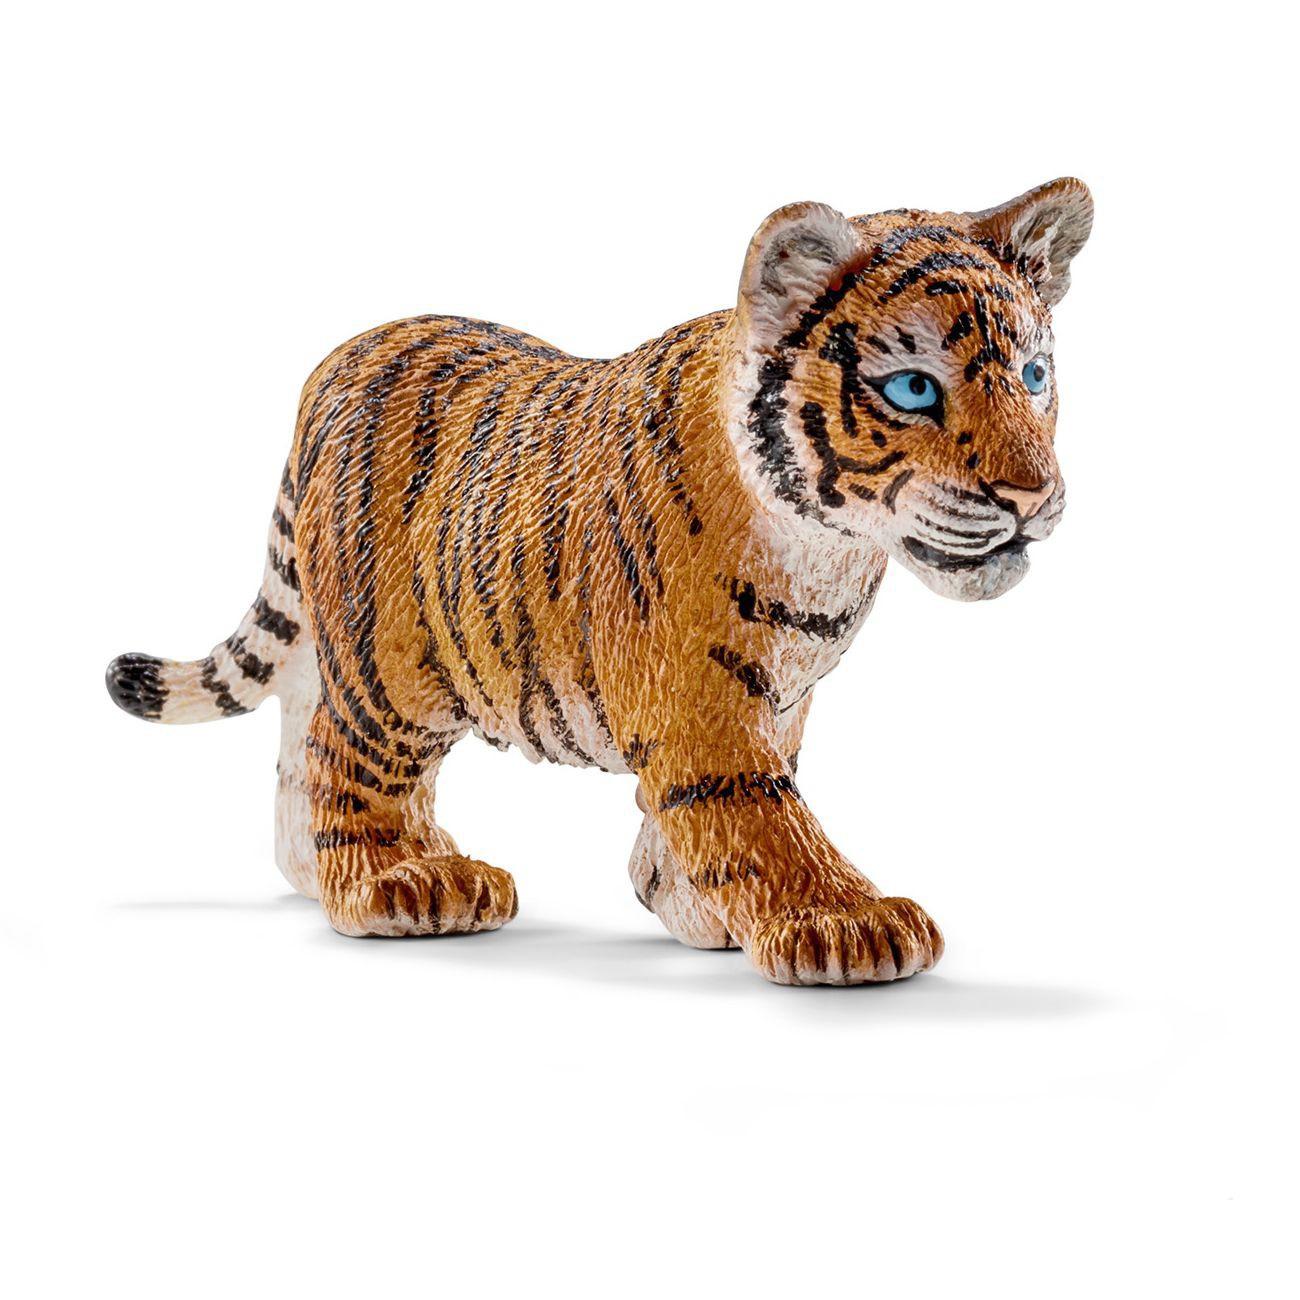 Фигурка Wild Life - Тигренок, длина 7 смИгрушечный тигренок от известного немецкого производителя Schleich поражает своей реалистичностью. Глядя на мордочку тигренка, можно заметить, что его взгляд сконцентрировался на чем-то, что привлекло к себе его внимание. Полосатая шерстка дикого котика производит приятное впечатление. Вместе с тигренком можно будет отправиться в увлекательное воображаемое африканское сафари.<br>